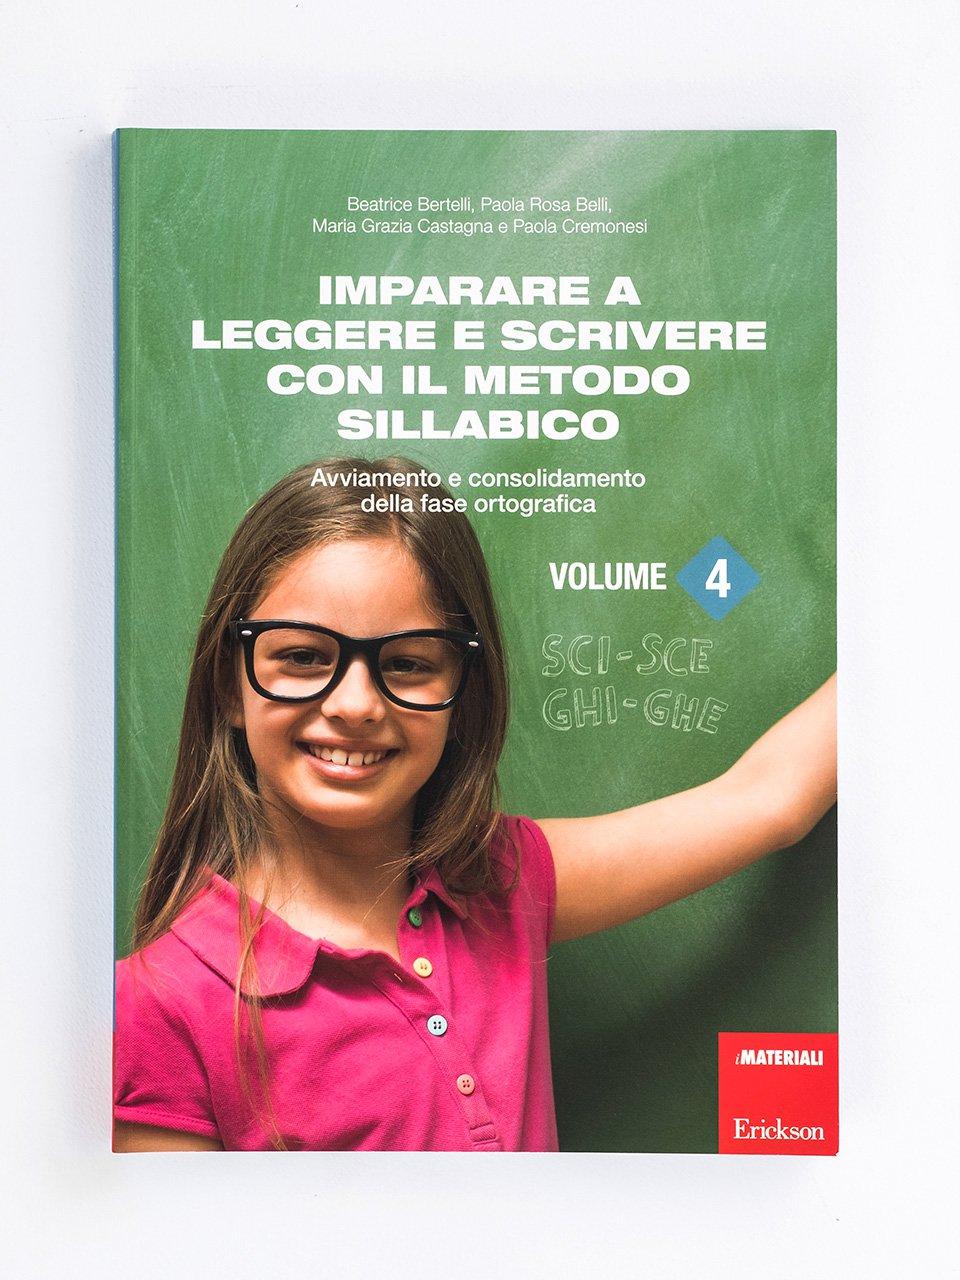 Imparare a leggere e scrivere con il metodo sillabico - Volume 4 - Le difficoltà di letto-scrittura - Volume 2 - Libri - Strumenti - Erickson